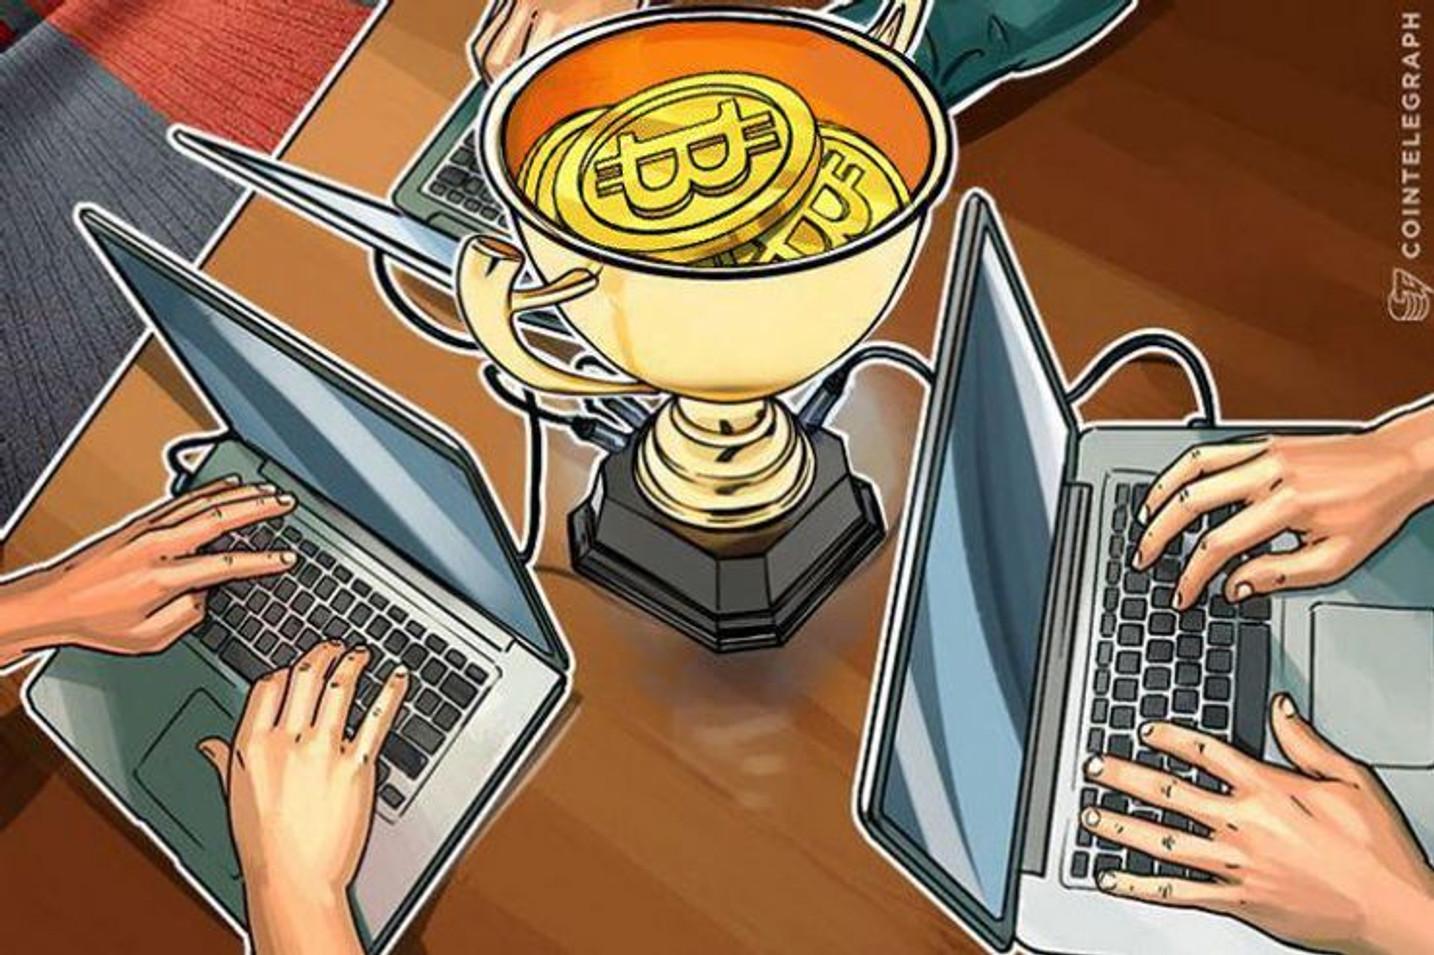 Site de poker promete maior premiação em cripto da história em torneio online